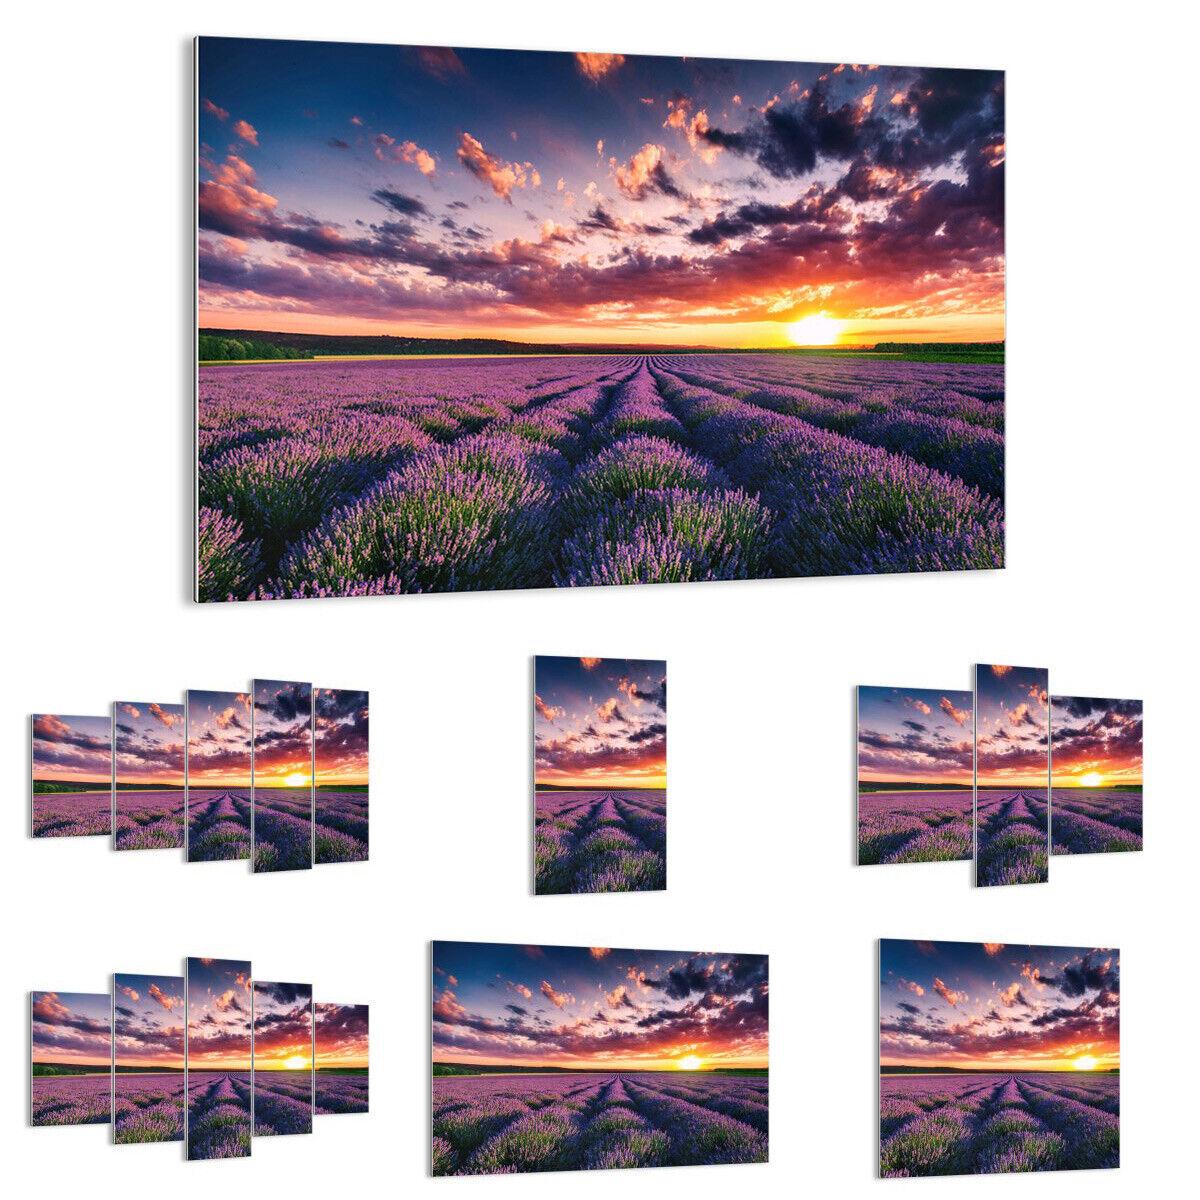 GLASBILD Wandbild Deko Lavendel Berge Feld 3816 DE